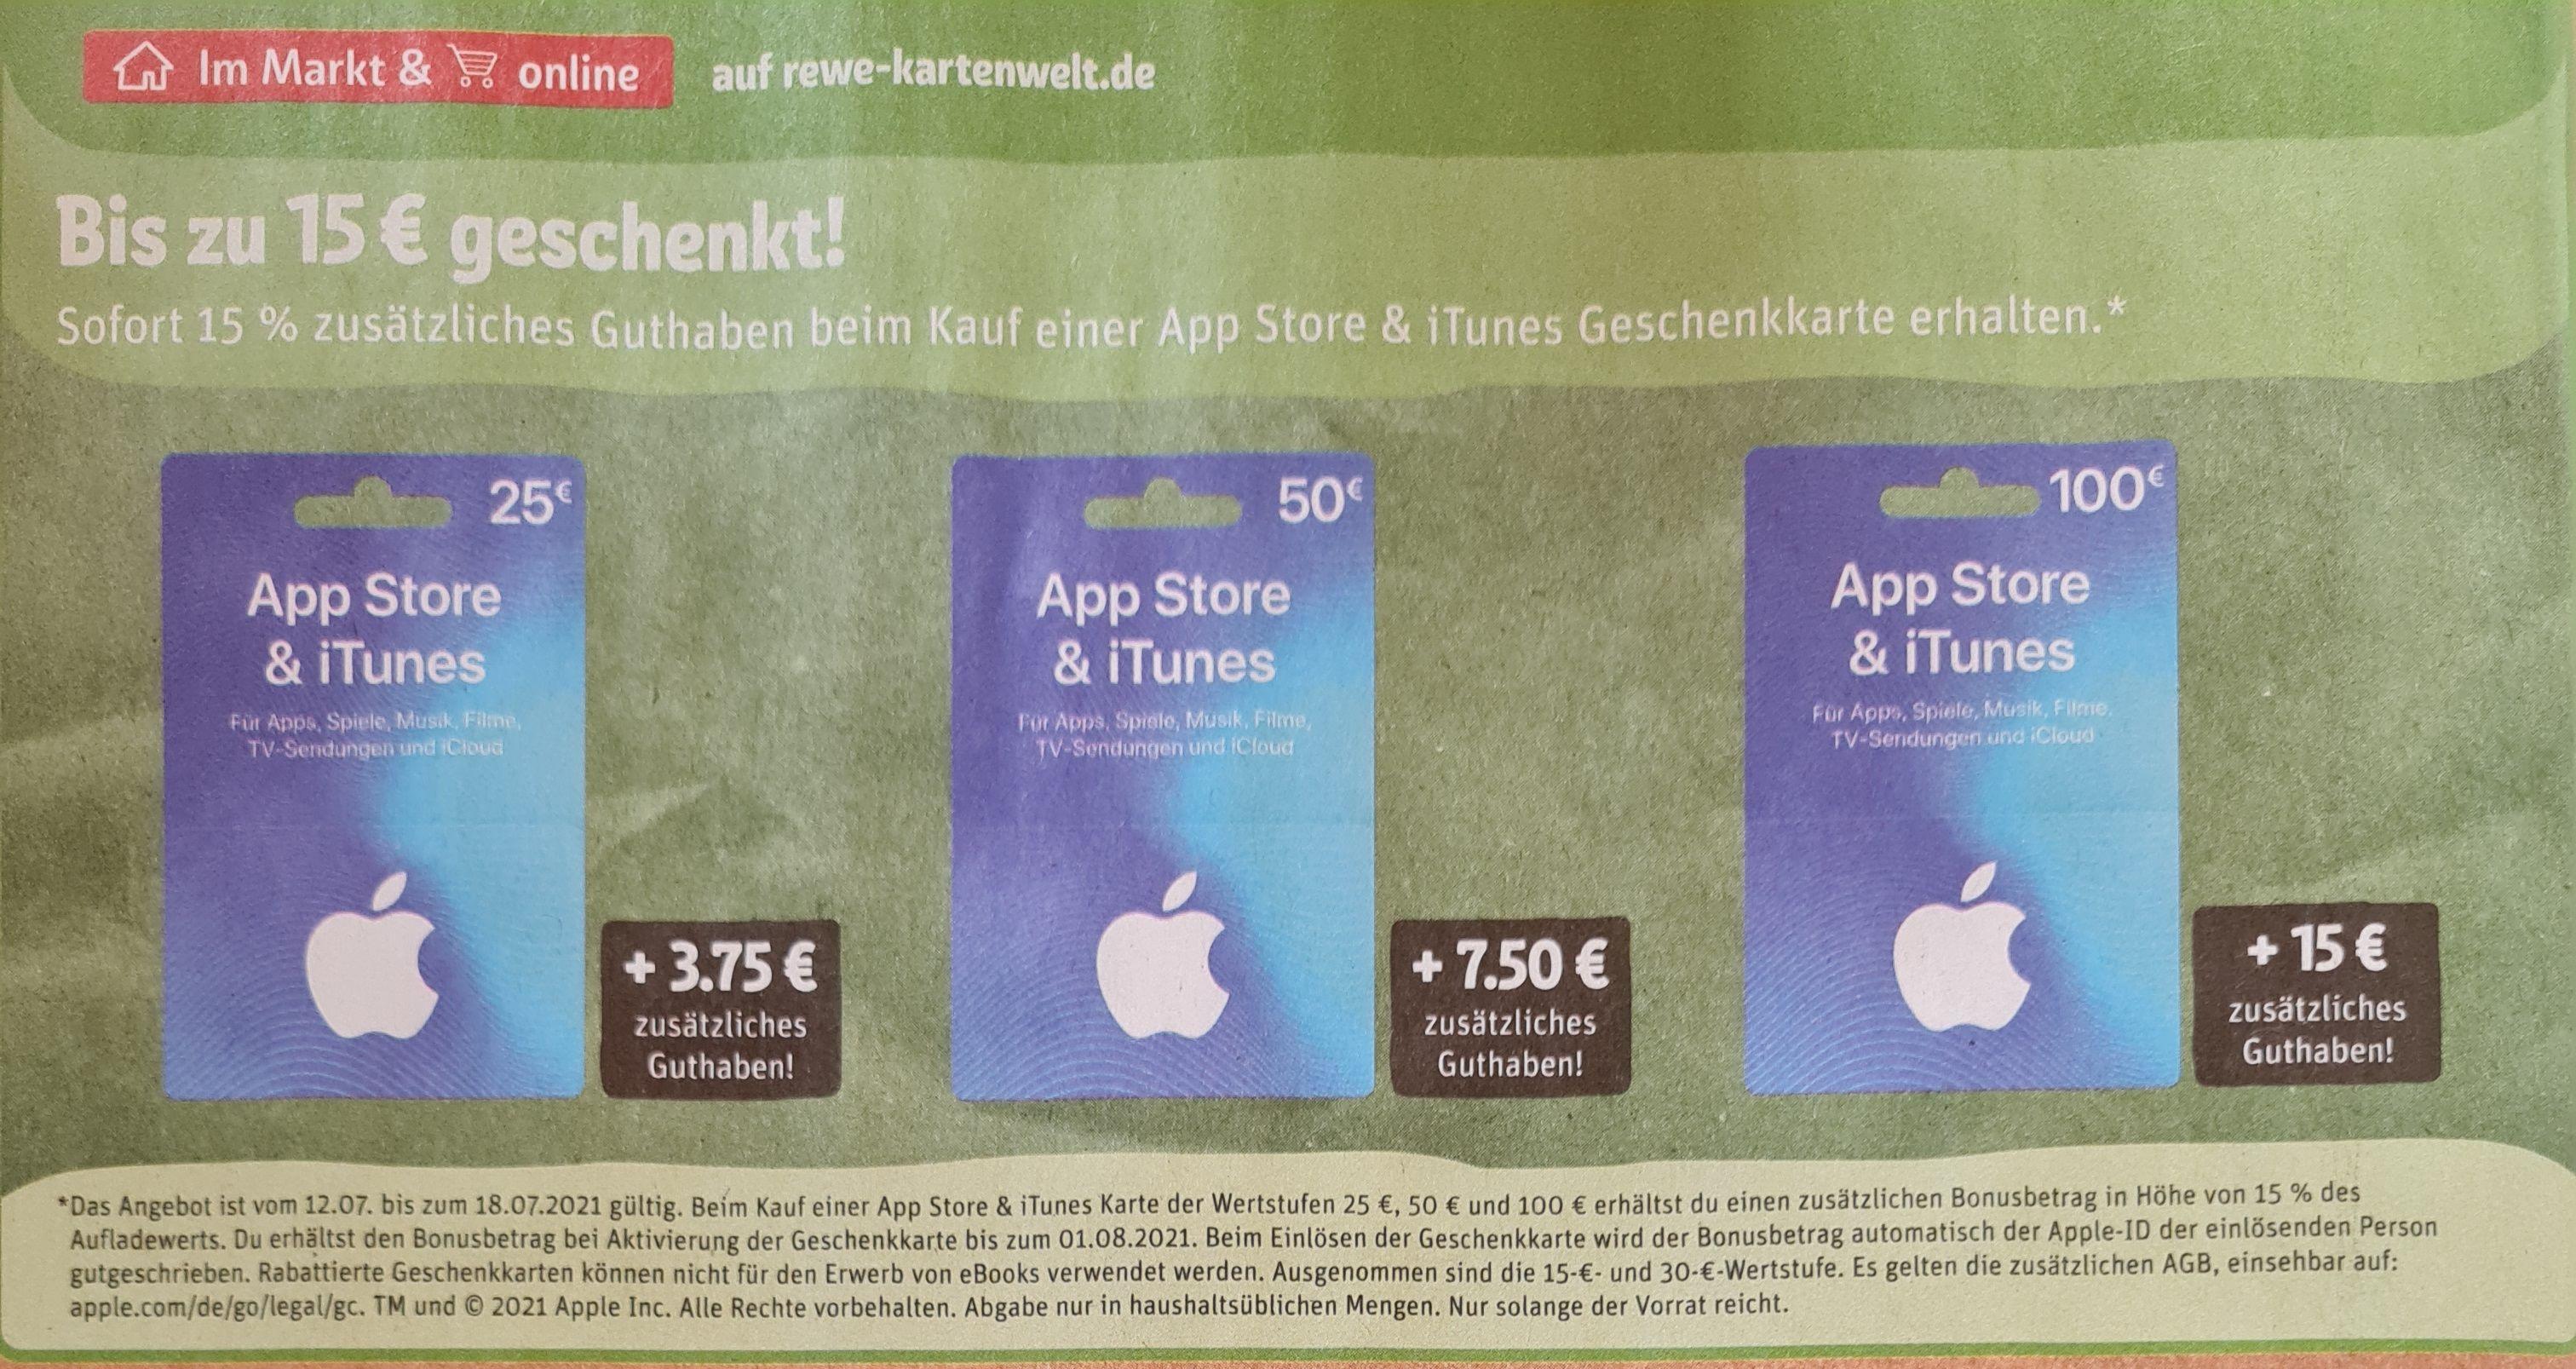 Rewe bis 15 Euro zusätzlich beim Kauf einer App Store & iTunes Geschenkkarte plus weitere Rabatte und Payback °P ab 12.07